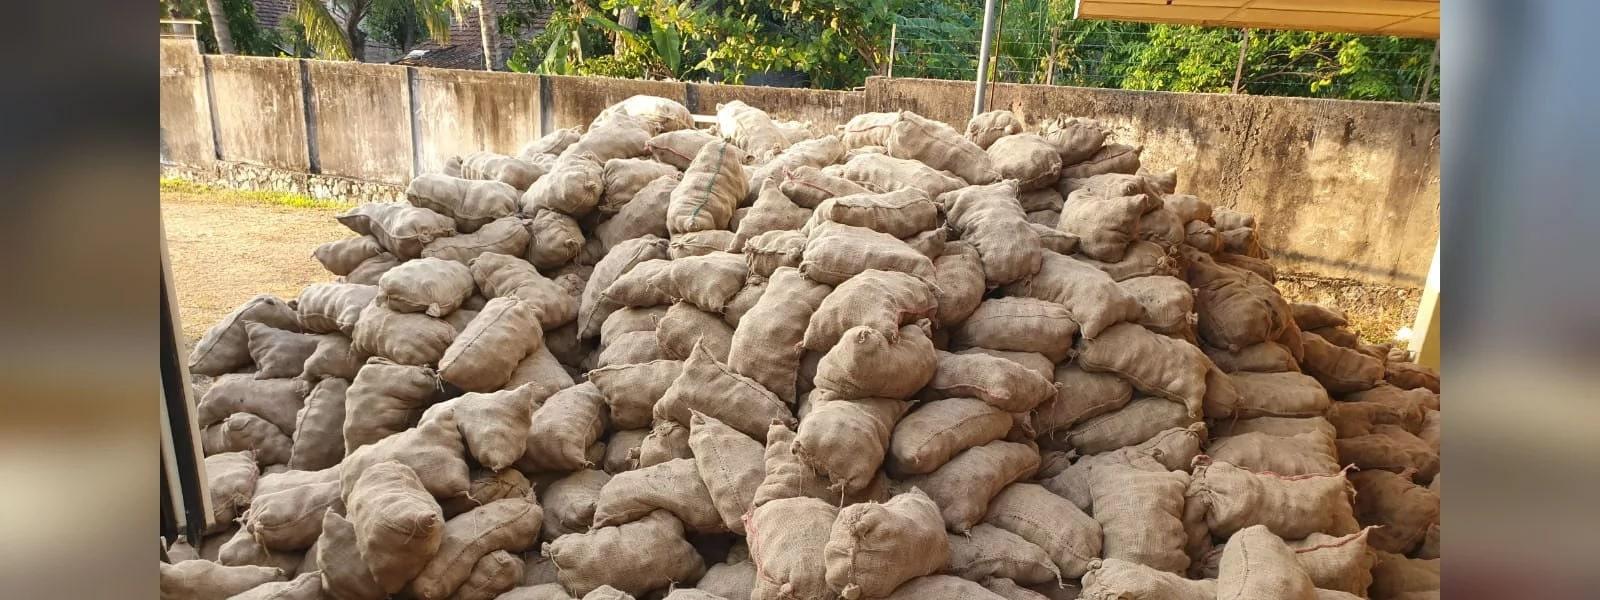 பாகிஸ்தானில் இருந்து இறக்குமதி செய்யப்பட்ட உருளைக்கிழங்கினுள் 1 பில்லியன் ரூபா பெறுமதியான ஹெரோயின்